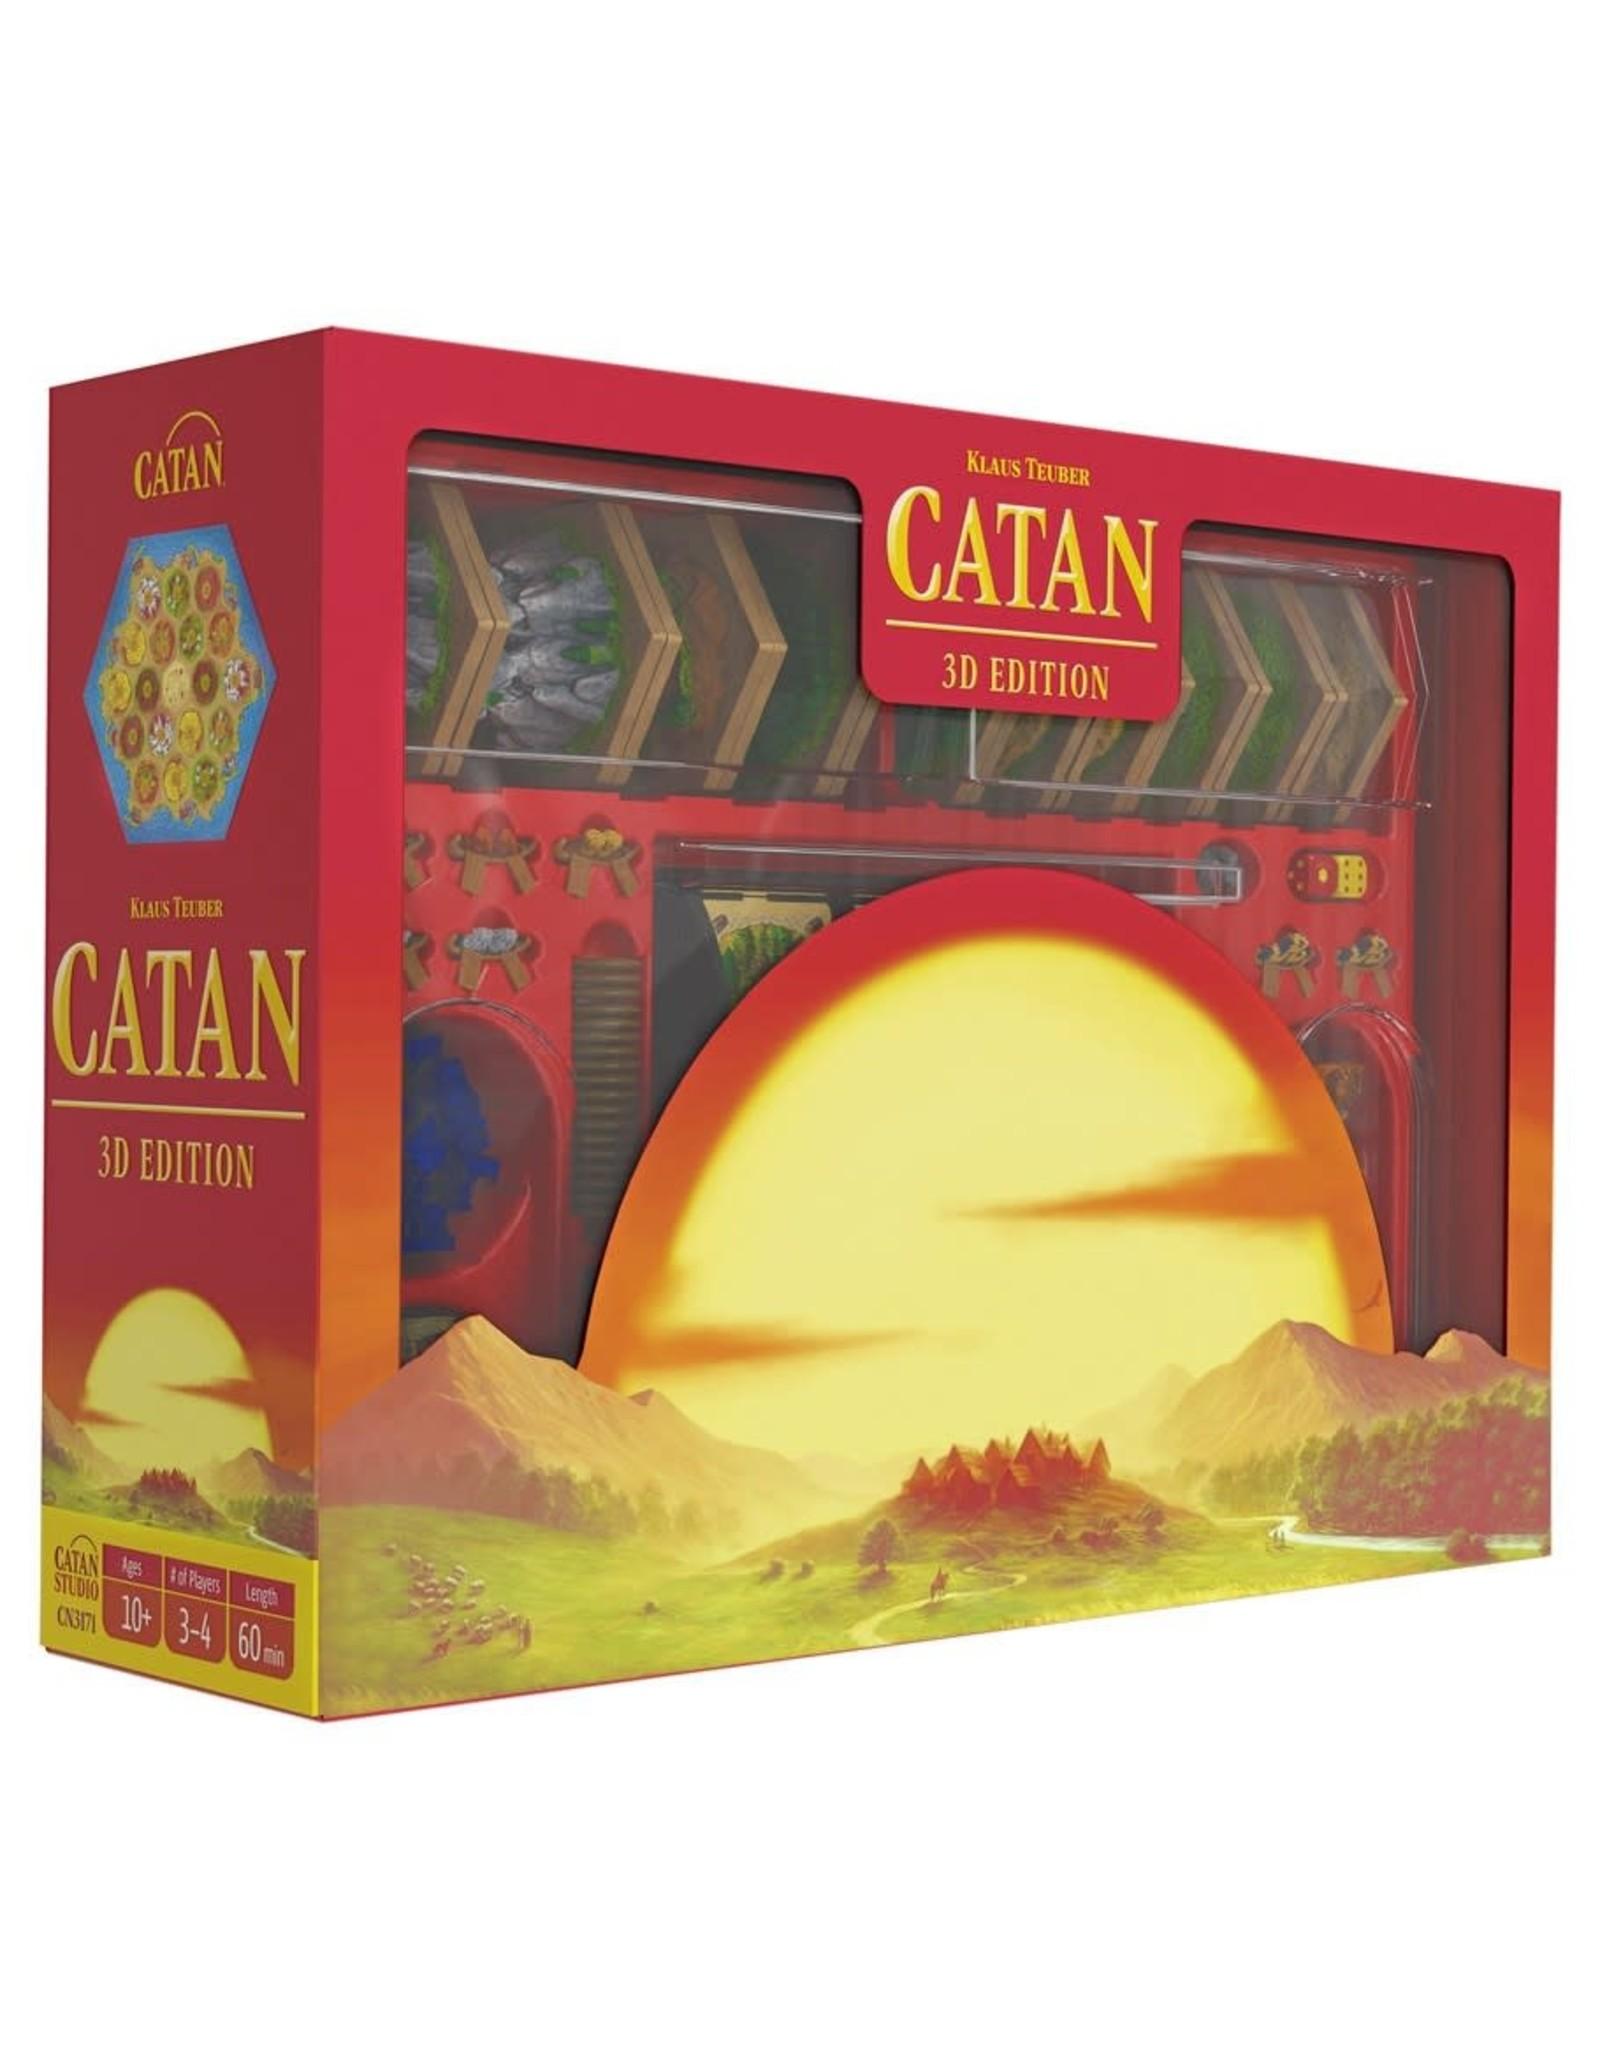 Catan Studios Catan: 3D Edition